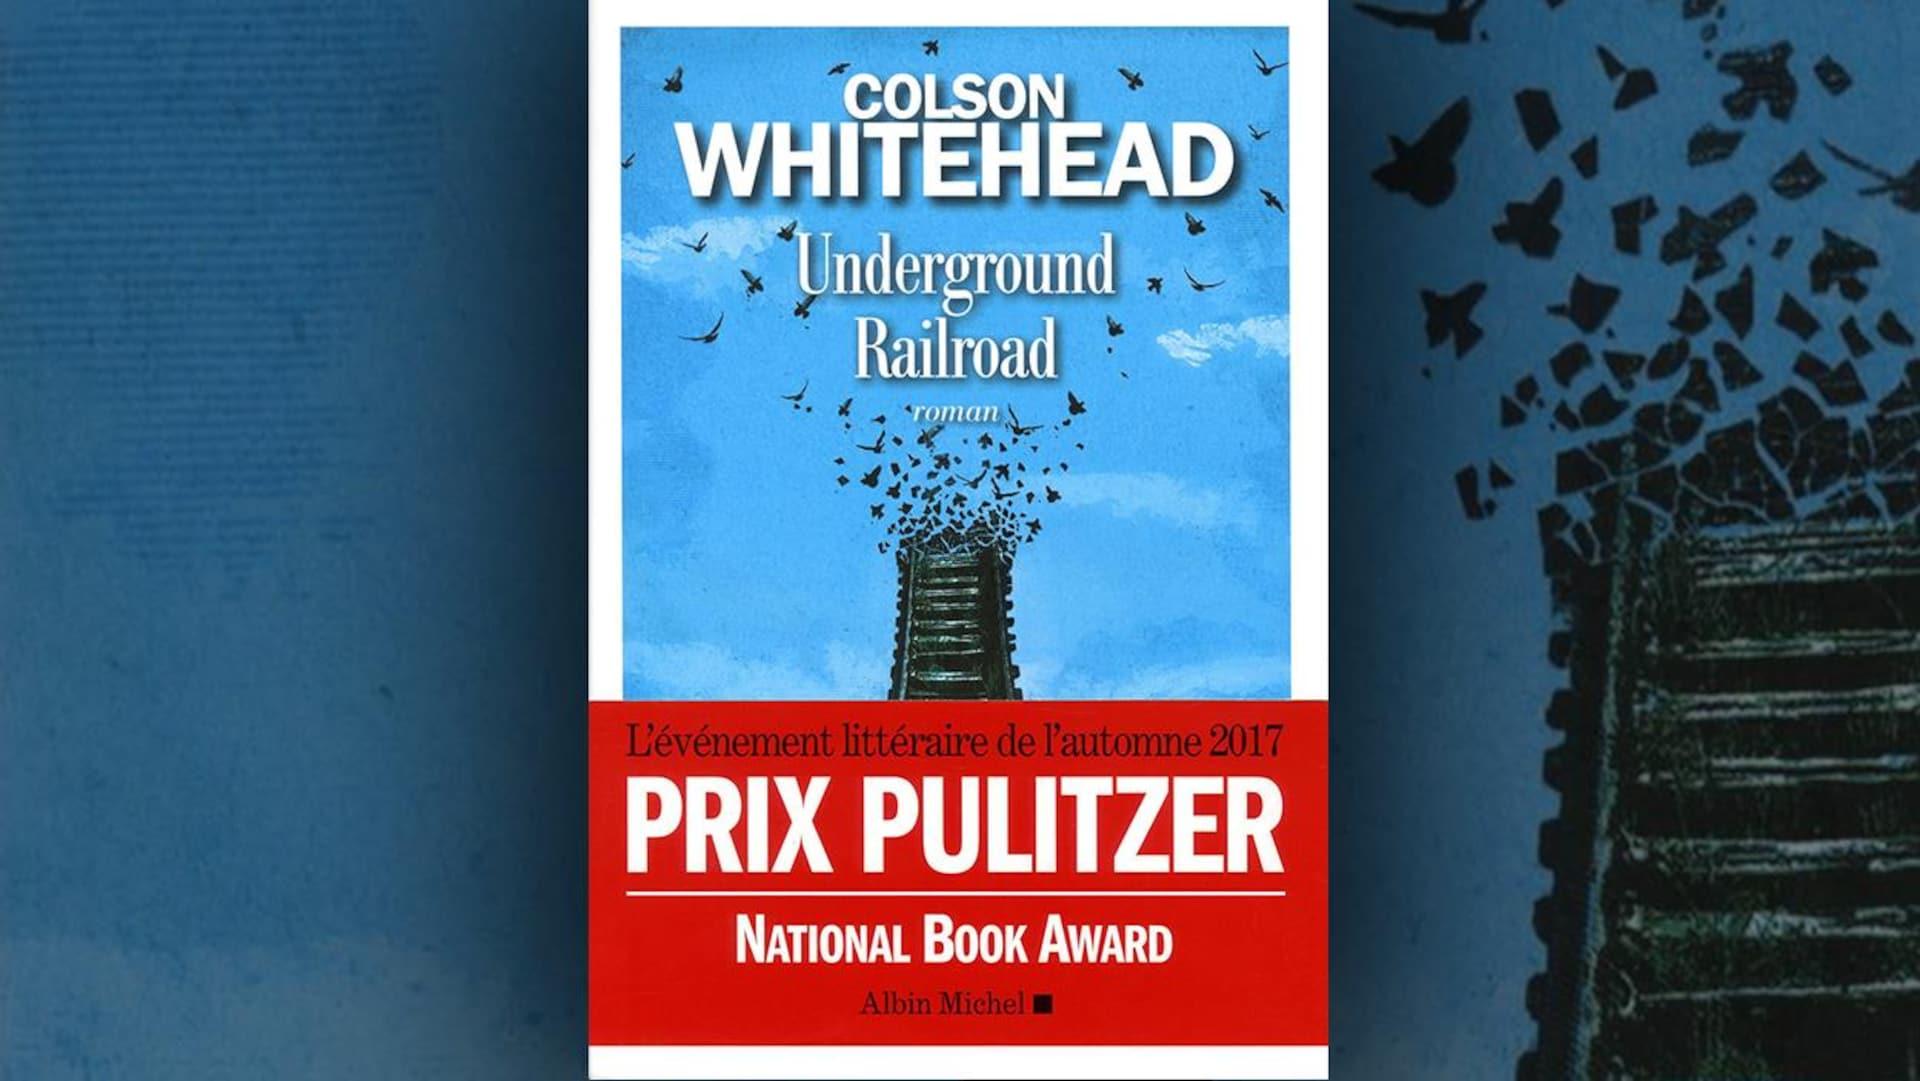 La couverture du livre  Underground Railroad  de Colson Whithehead : illustration de rails de chemin de fer qui volent en éclats et se transforment en oiseaux sur fond de ciel bleu. Un bandeau rouge précise que le livre est «L'événement littéraire de l'automne 2017» et qu'il a gagné le Prix Pulitzer et le National Book Award.